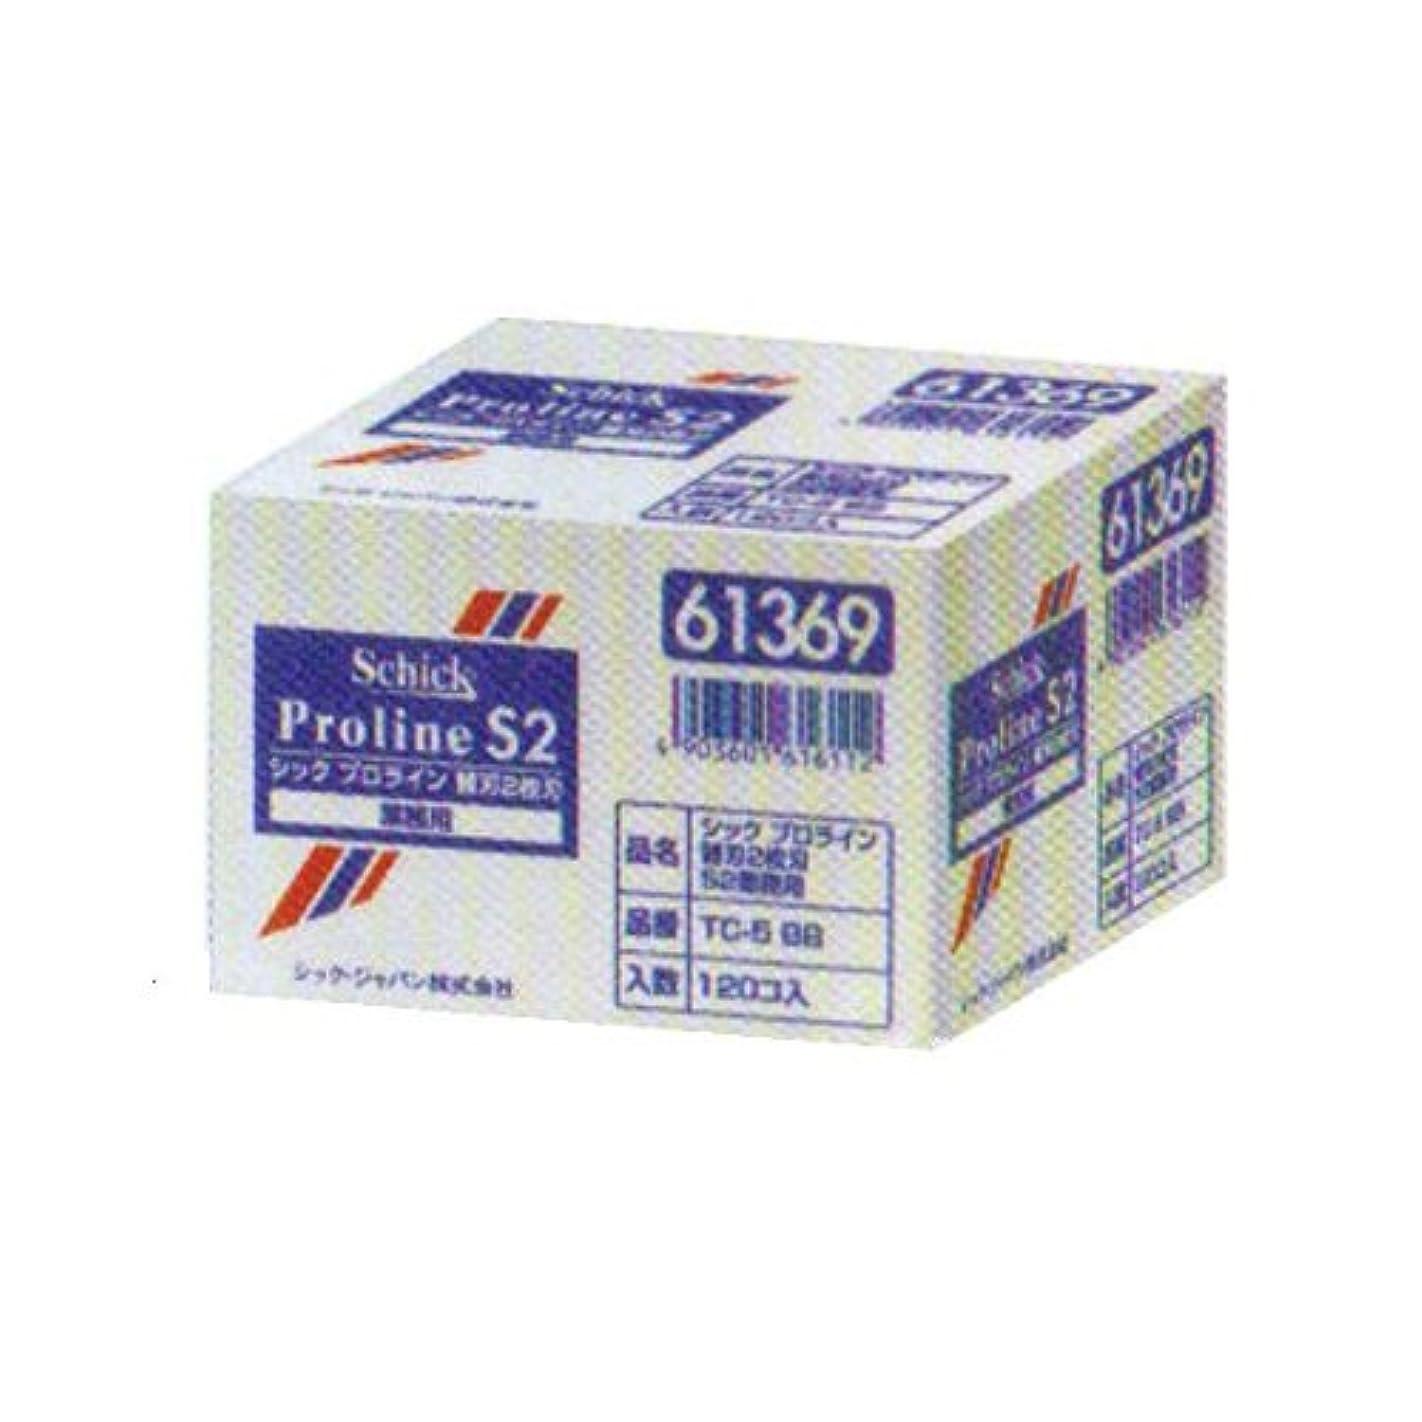 ファセット省略ホールドシックプロラインカエバ S2(ギ)120コ